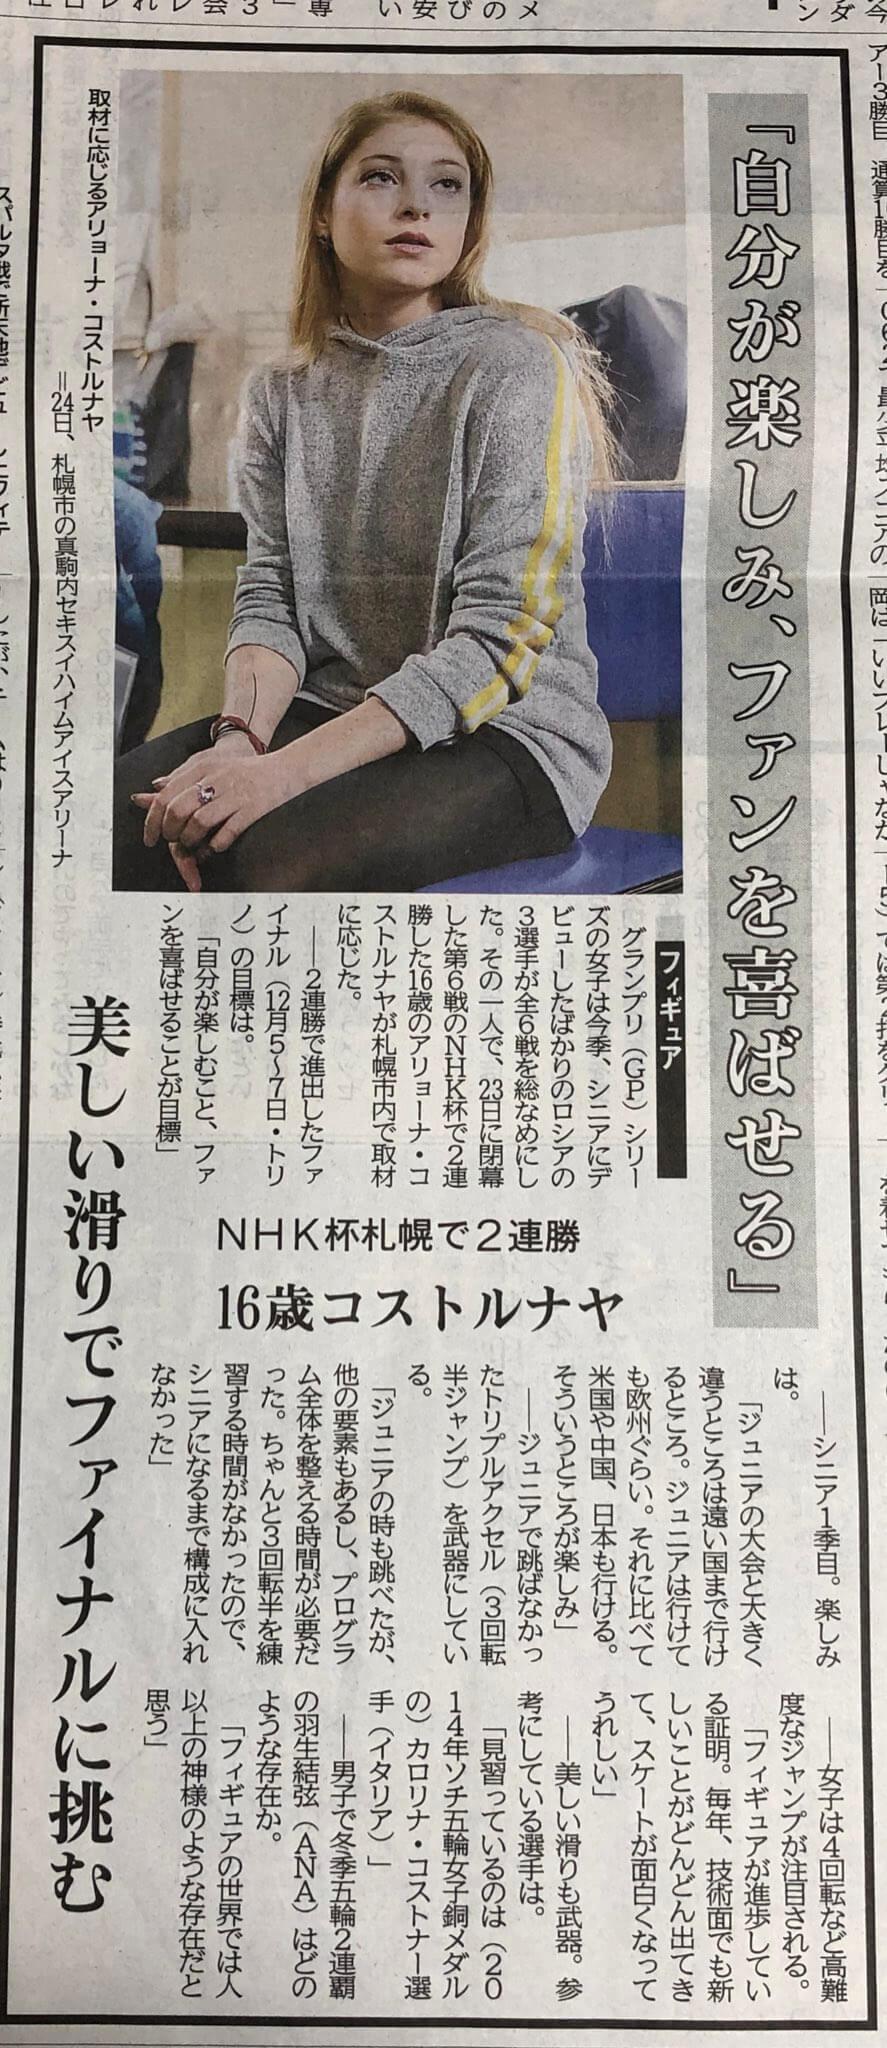 アリョーナ・コストルナヤ のインタビューが 北海道新聞 に掲載! 「自分が楽しみ、ファンを喜ばせる」